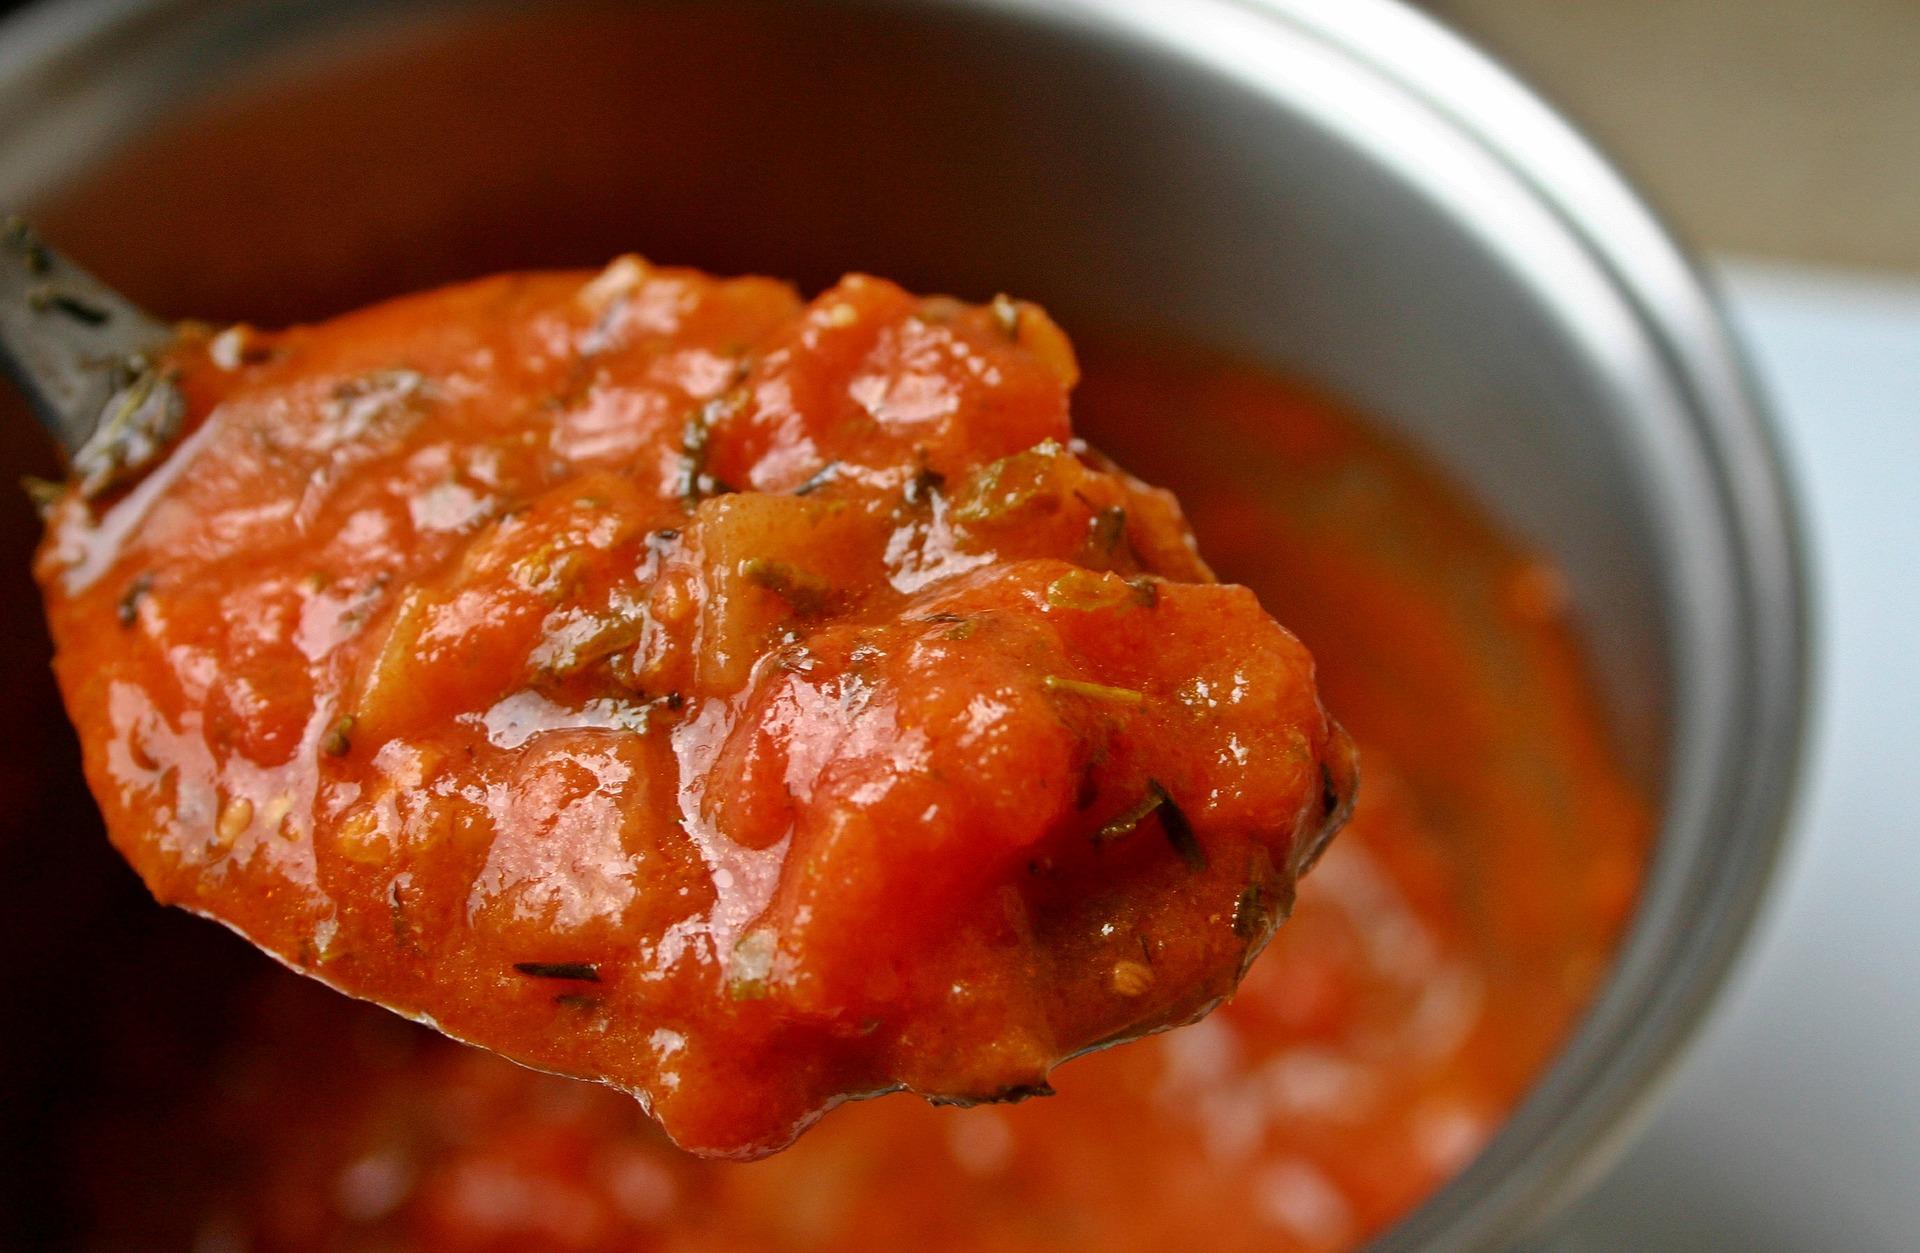 tomato-soup-482403_1920.jpg